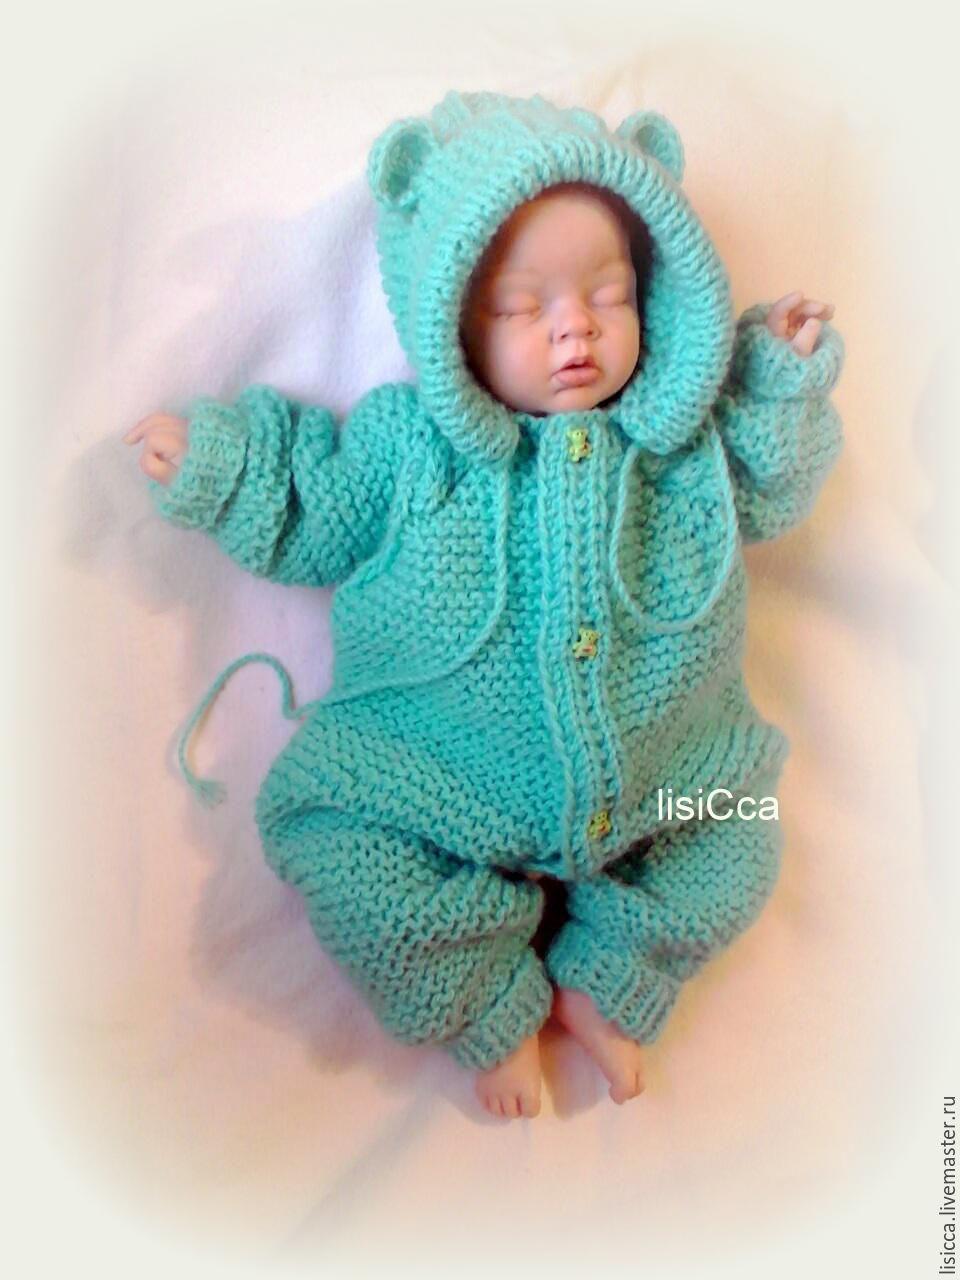 Купить Комбинезон Мятный медвежонок - мятный, комбинезон, комбинезон детский, комбинезон для девочки, комбинезон для малыша